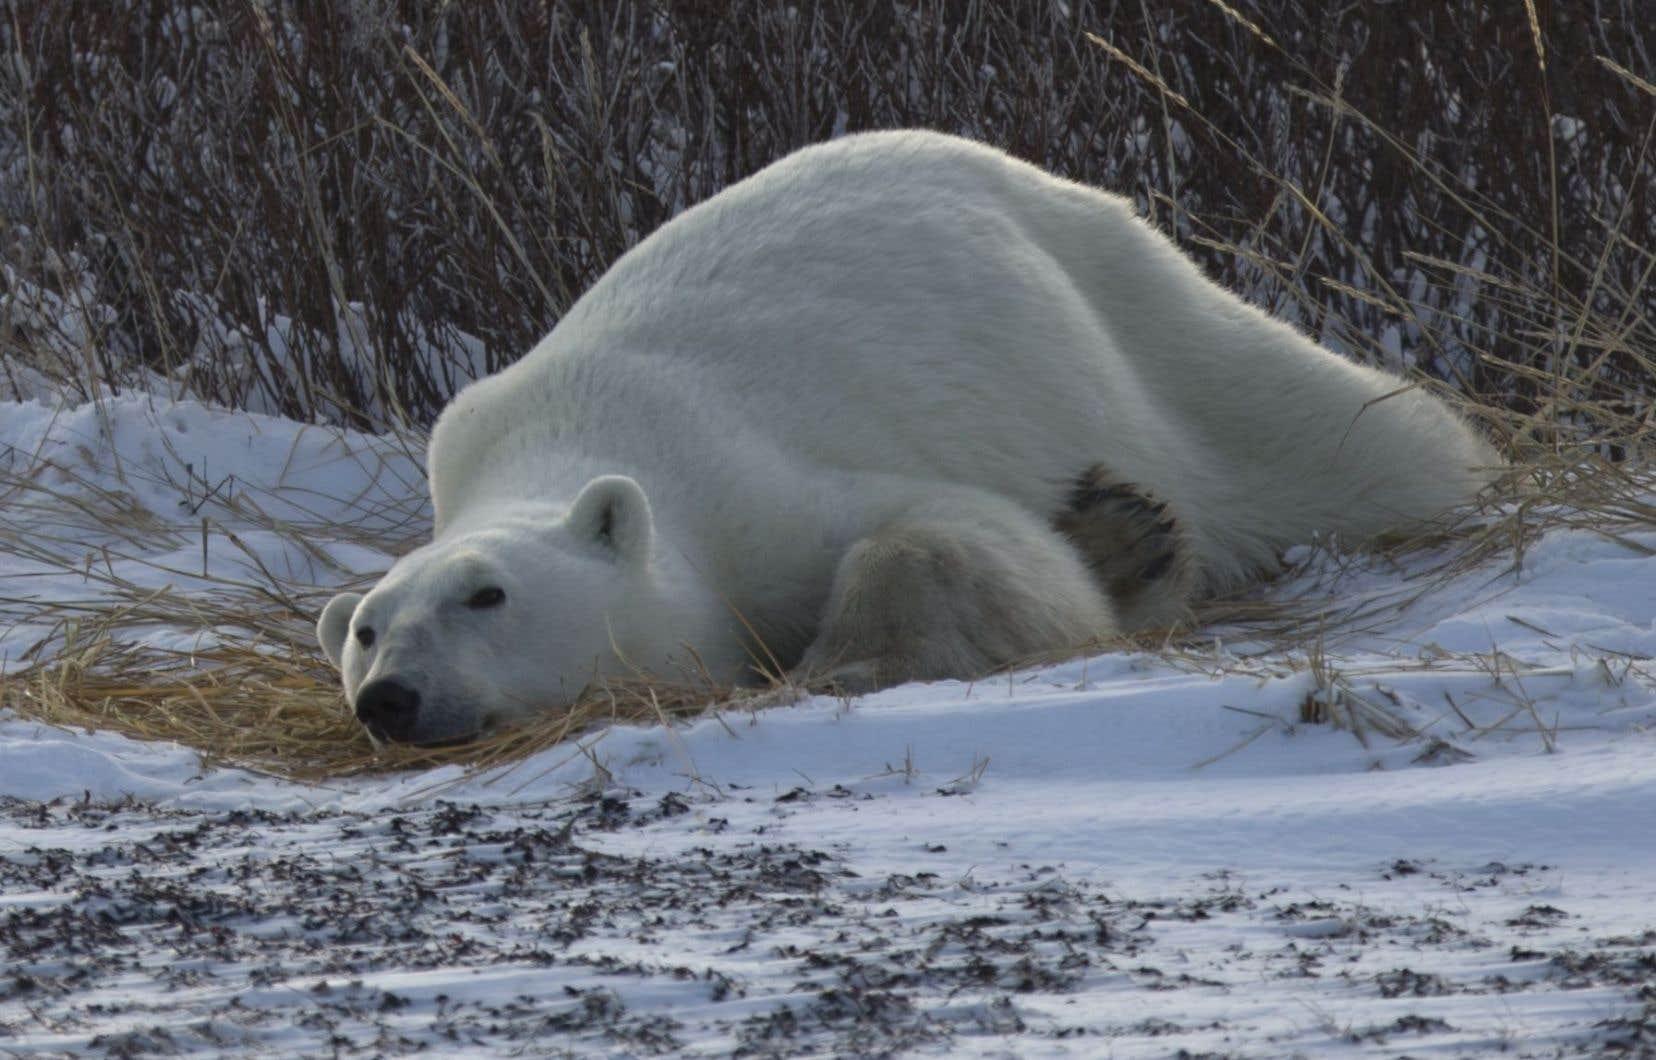 Les ours polaires du sud de la baie d'Hudson sont parmi les plus touchés par les changements climatiques.